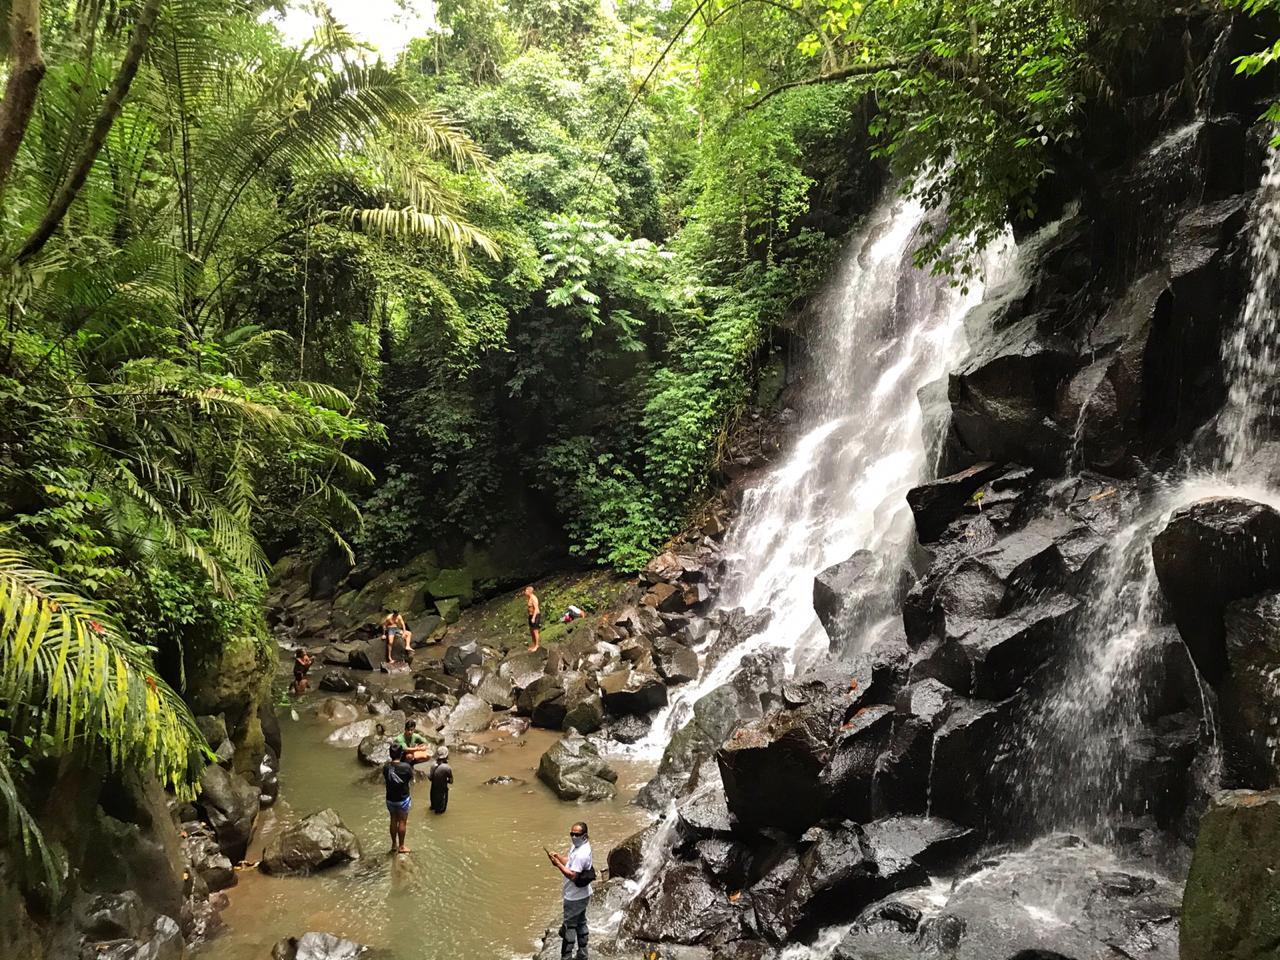 Pemprov Bali Gandeng YRFI untuk Pulihkan Sektor Pariwisata